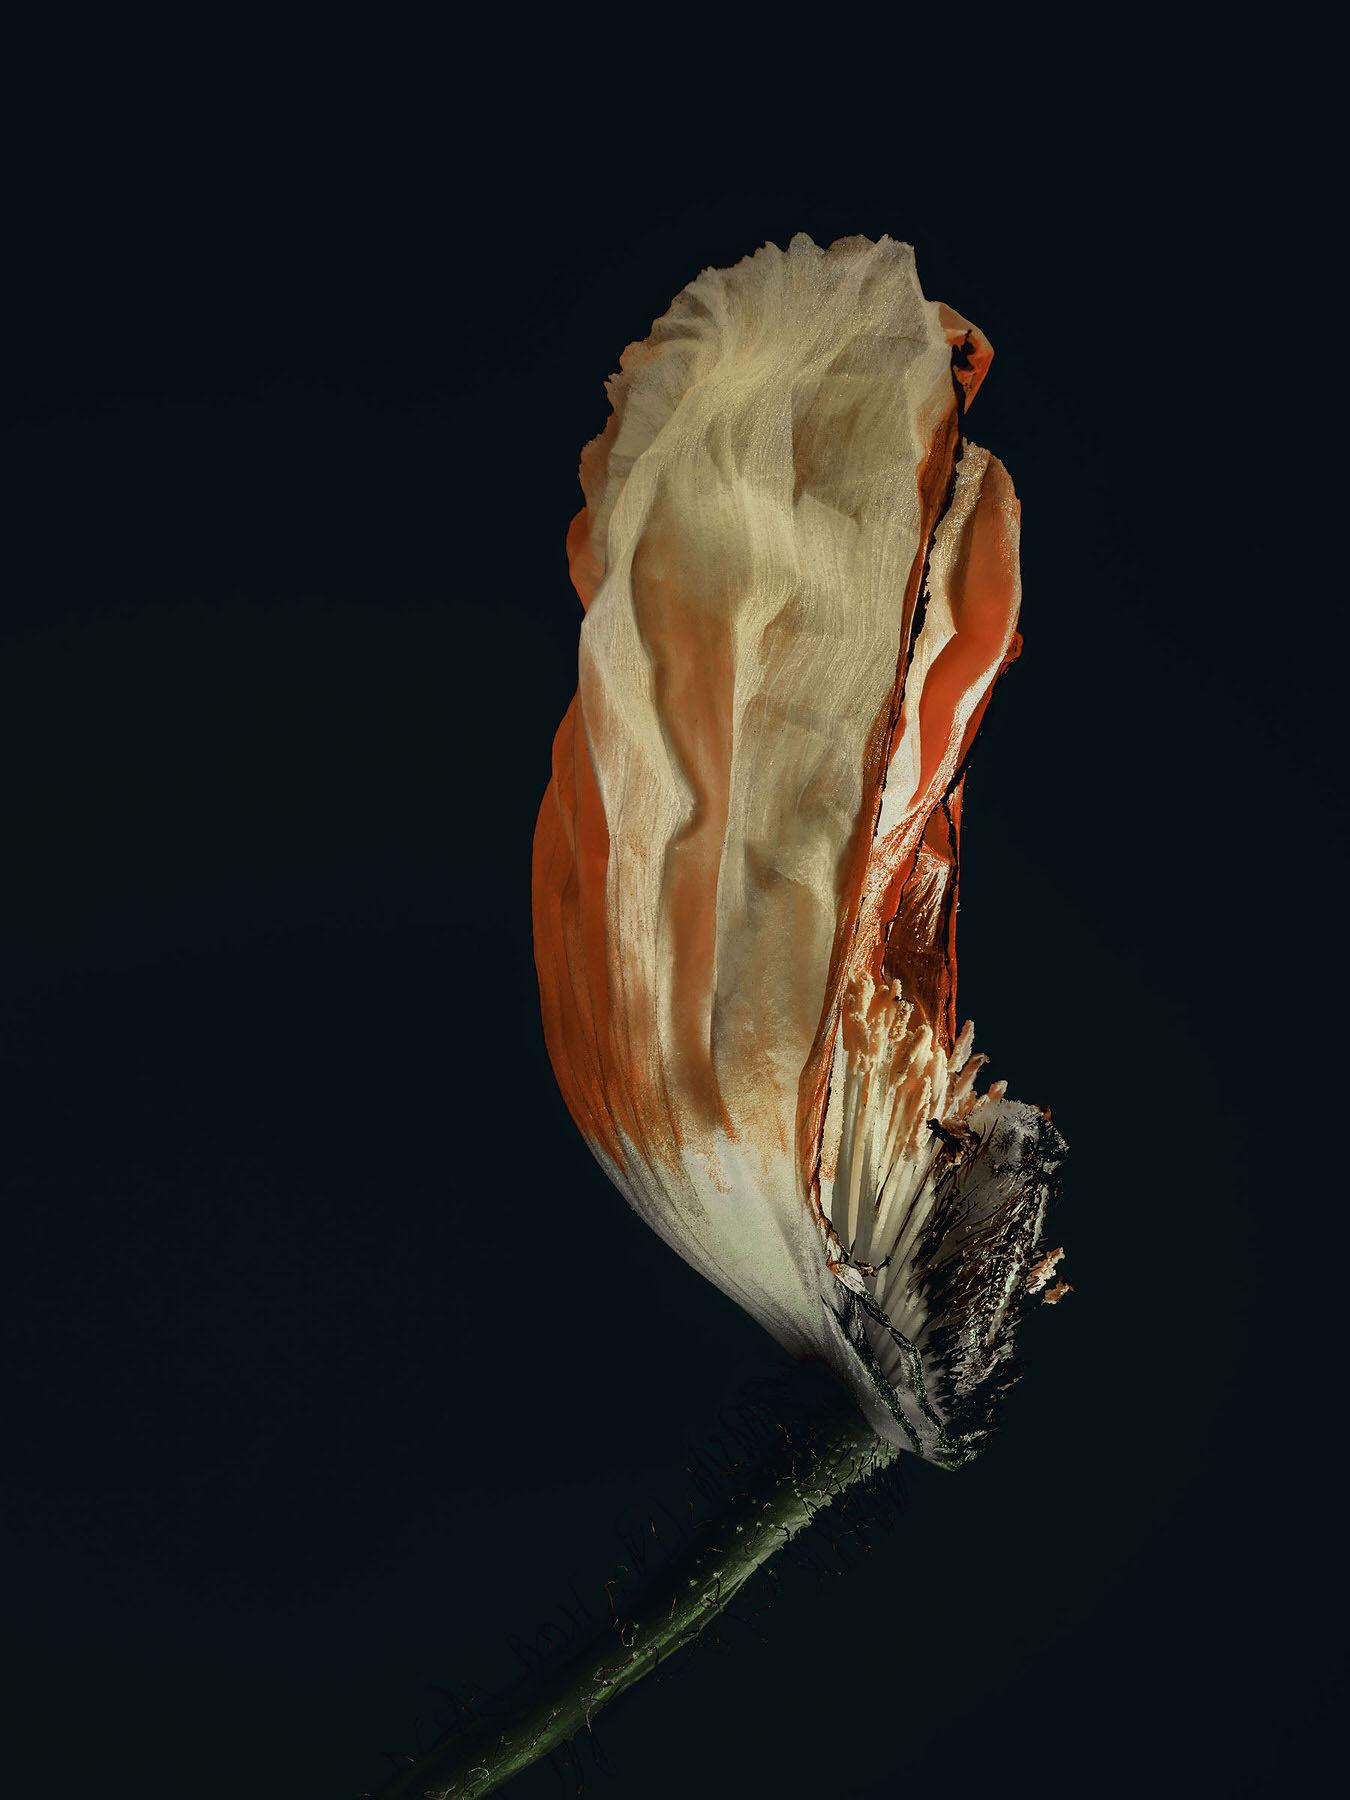 Simon_Puschmann_assaulted-flowers_papaver_02.jpg